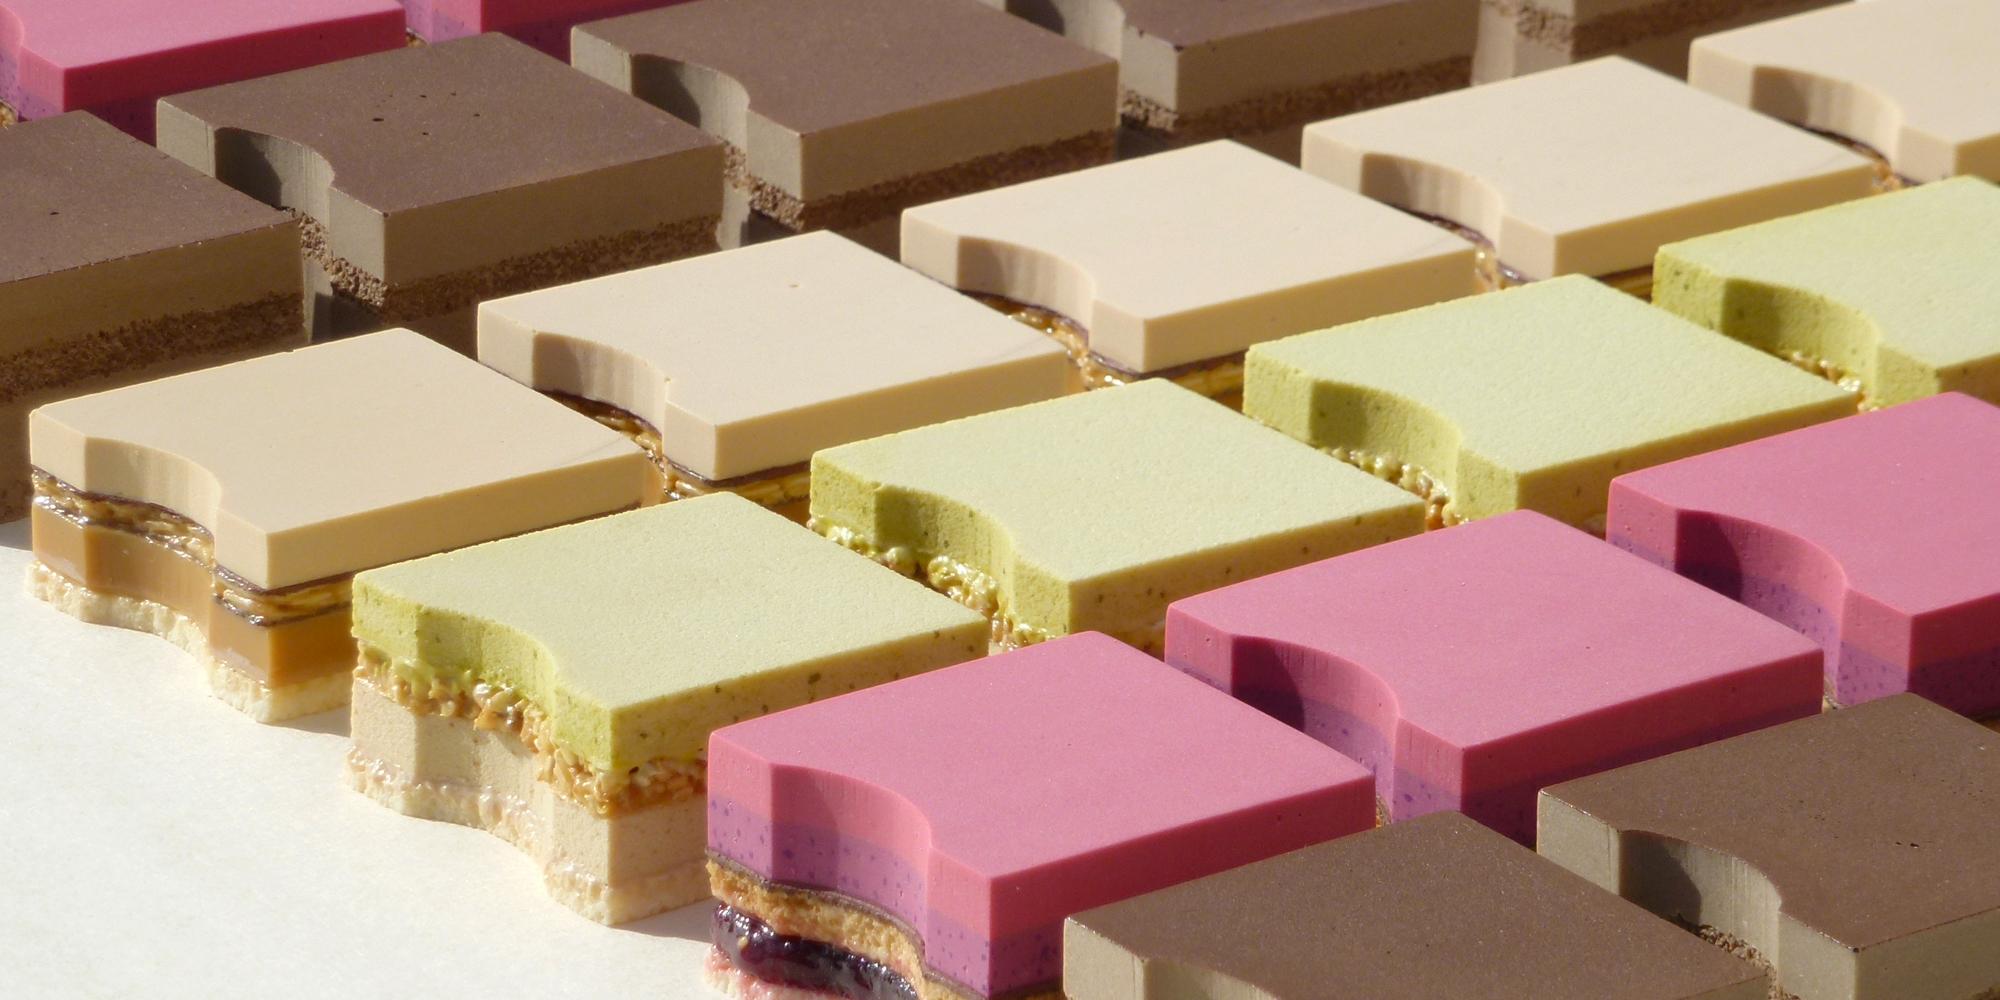 série de gâteaux factices de type découpe au jet d'eau à personnaliser sur-mesure selon les saisons